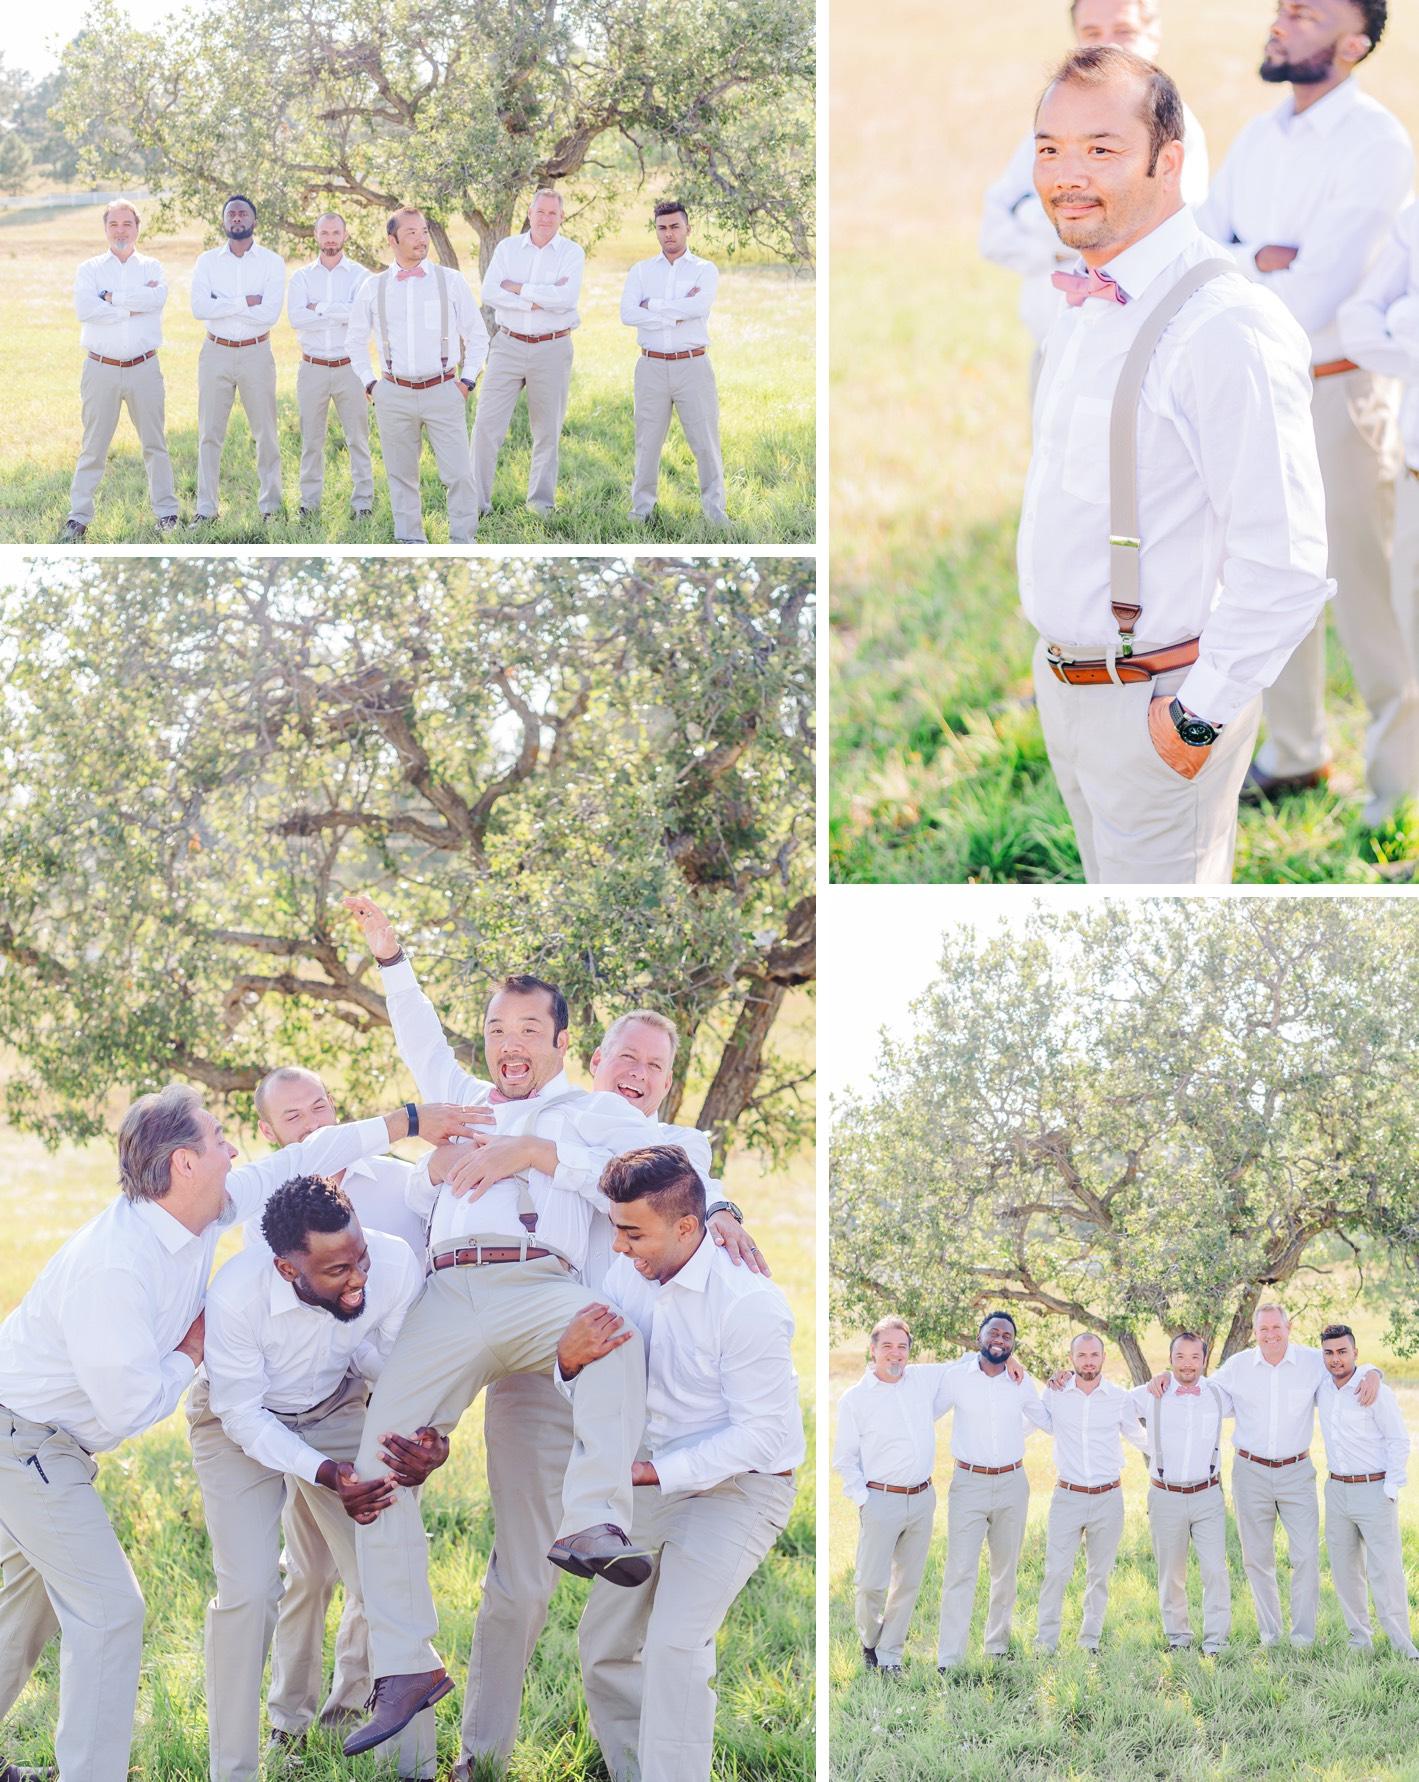 0012_01 Bridal Party-71_01 Bridal Party-66_01 Bridal Party-61_01 Bridal Party-68.jpg